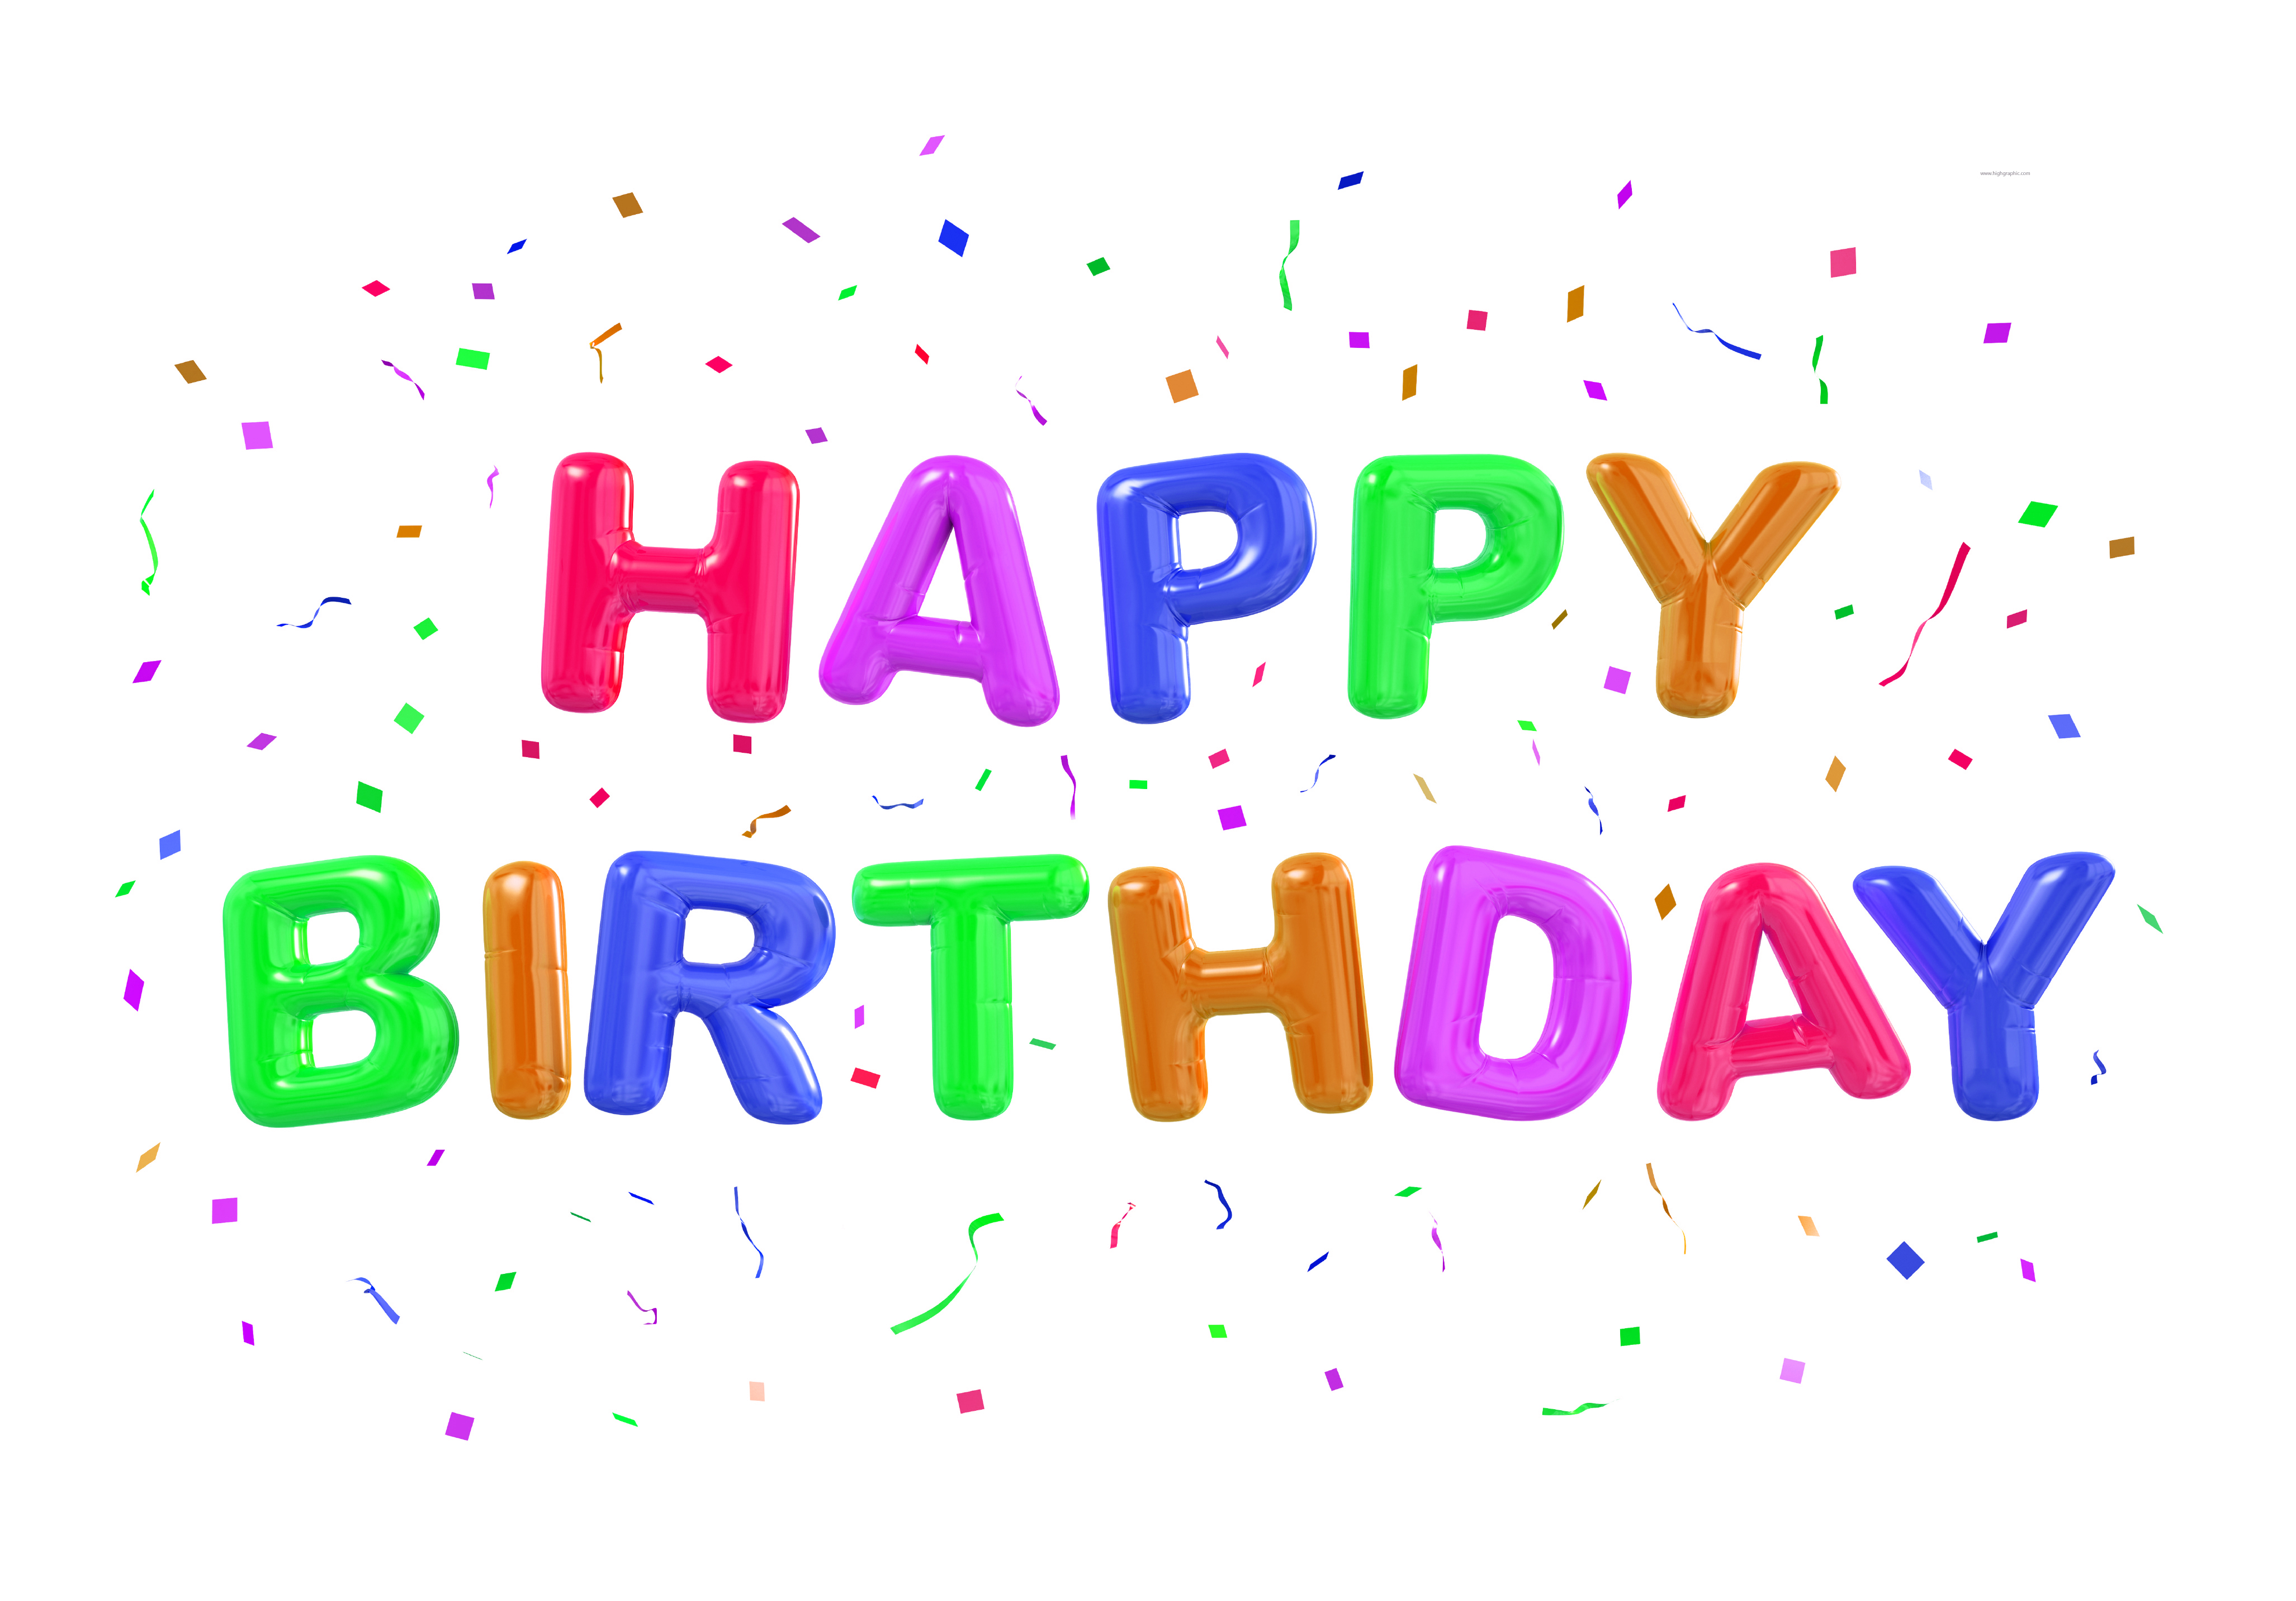 Bildergebnis für Happy Birthday 3D Animation Download